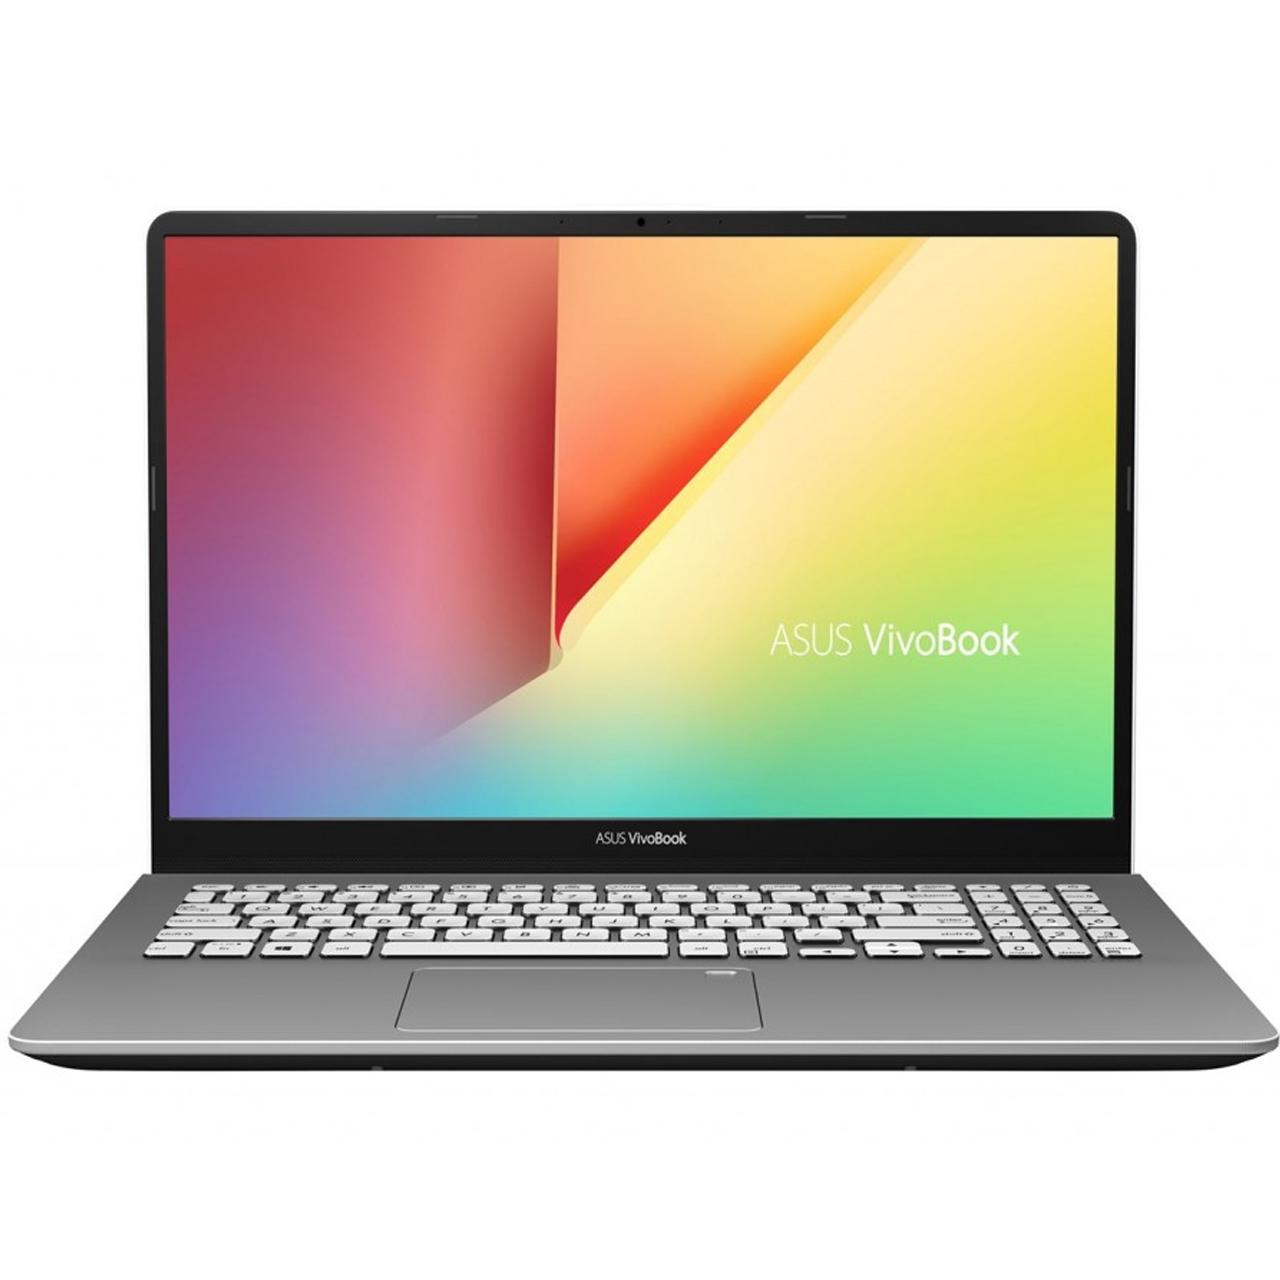 لپ تاپ 15 اینچی ایسوس مدل ASUS VivoBook S15 S530UF-B